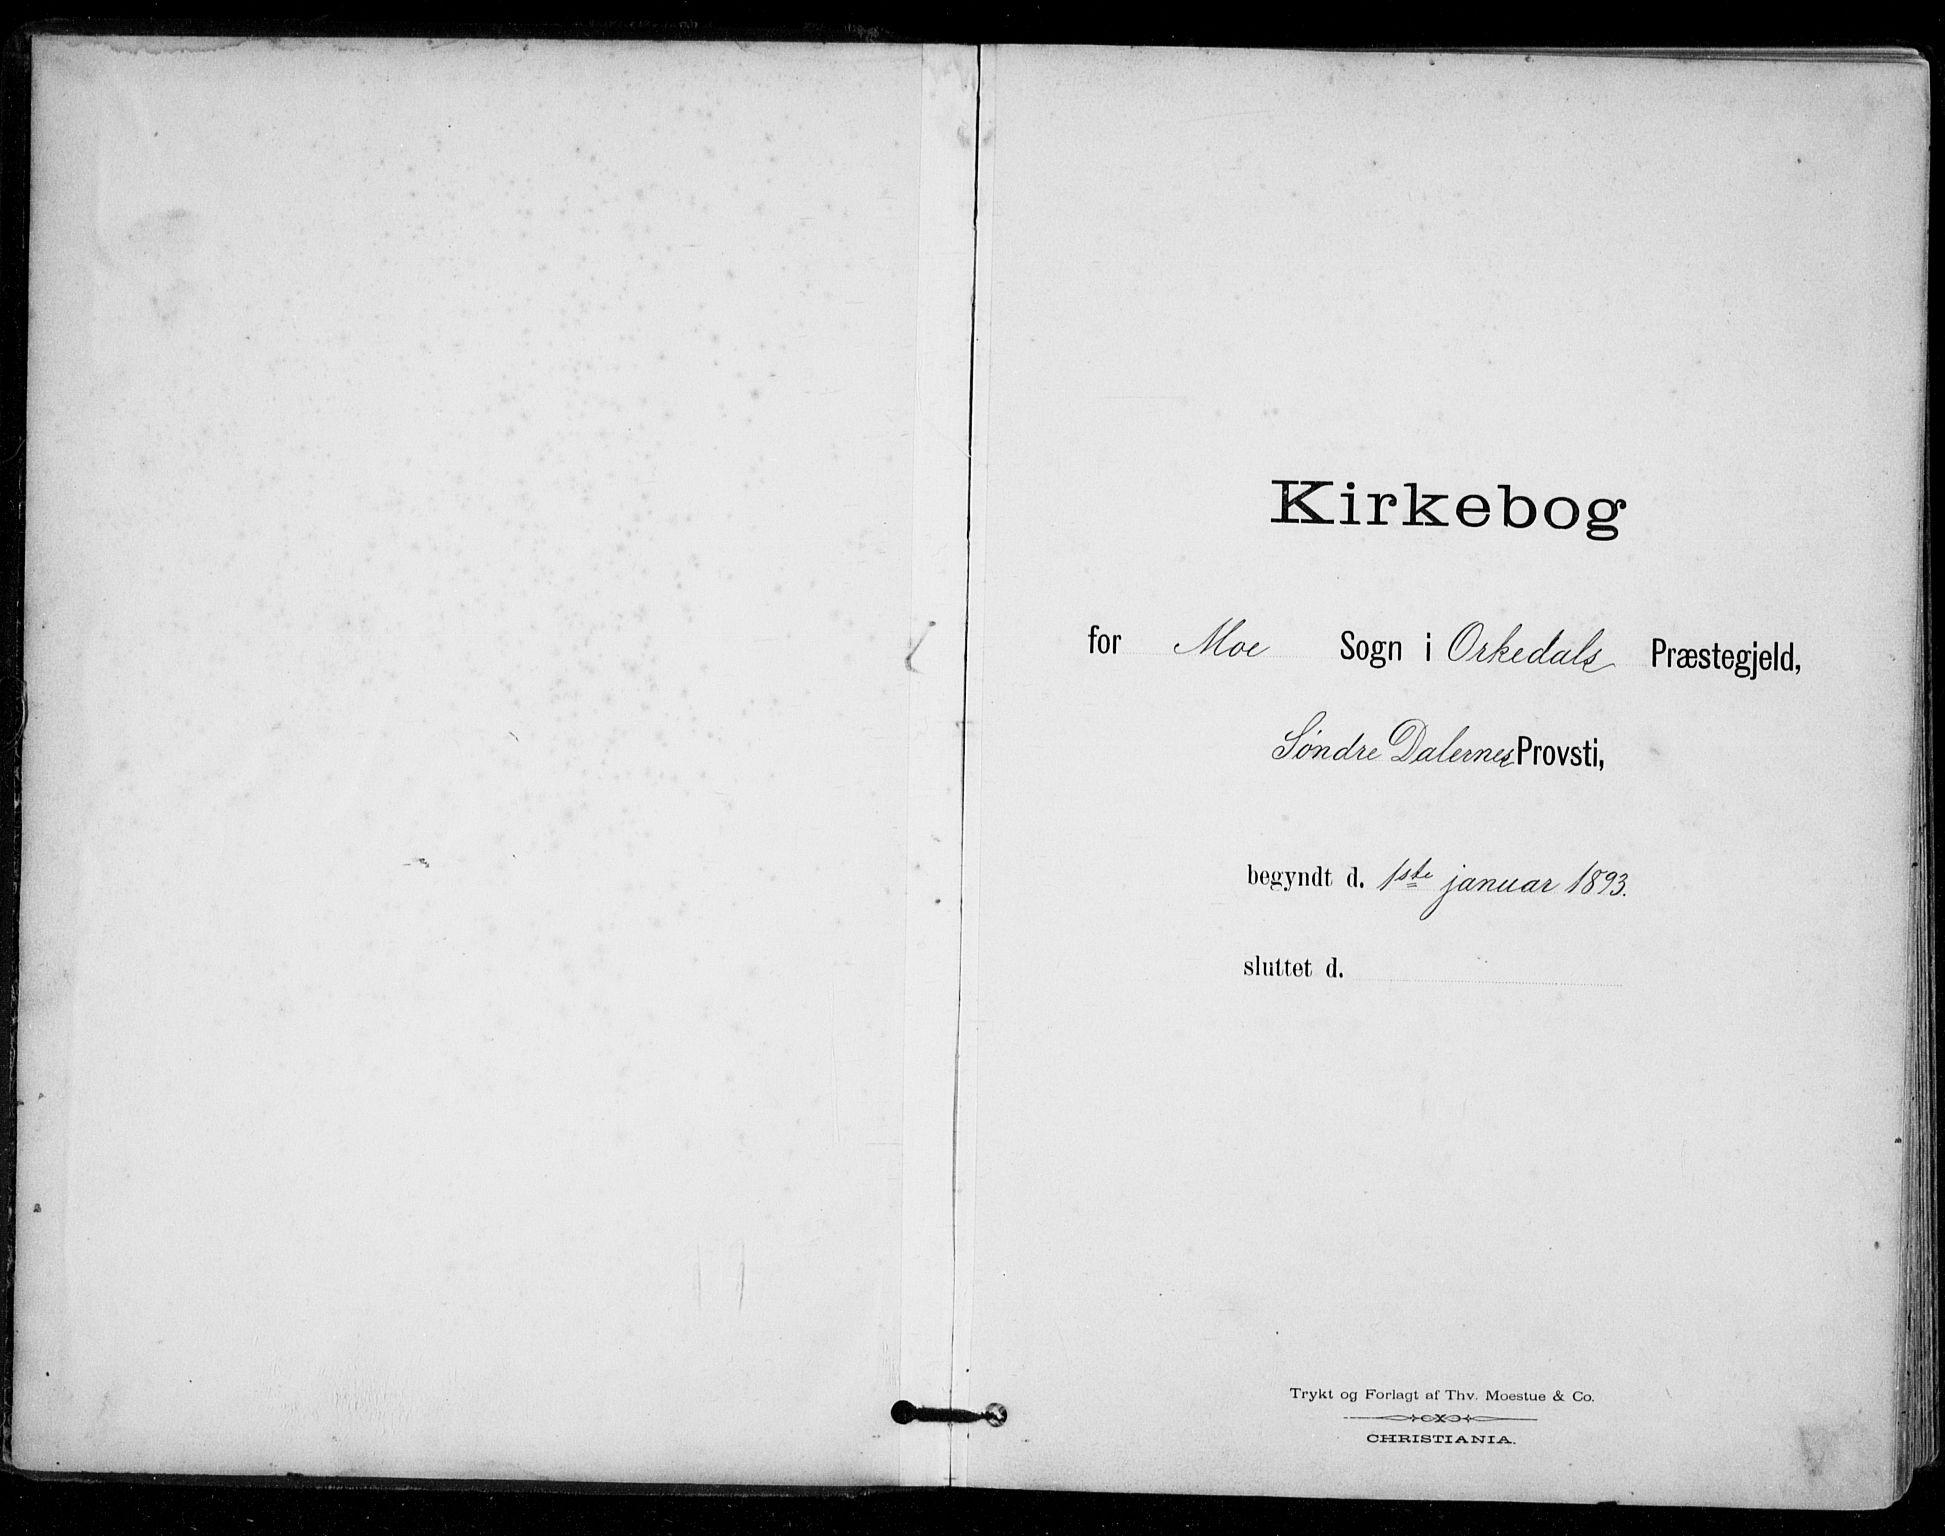 SAT, Ministerialprotokoller, klokkerbøker og fødselsregistre - Sør-Trøndelag, 671/L0841: Parish register (official) no. 671A03, 1893-1915